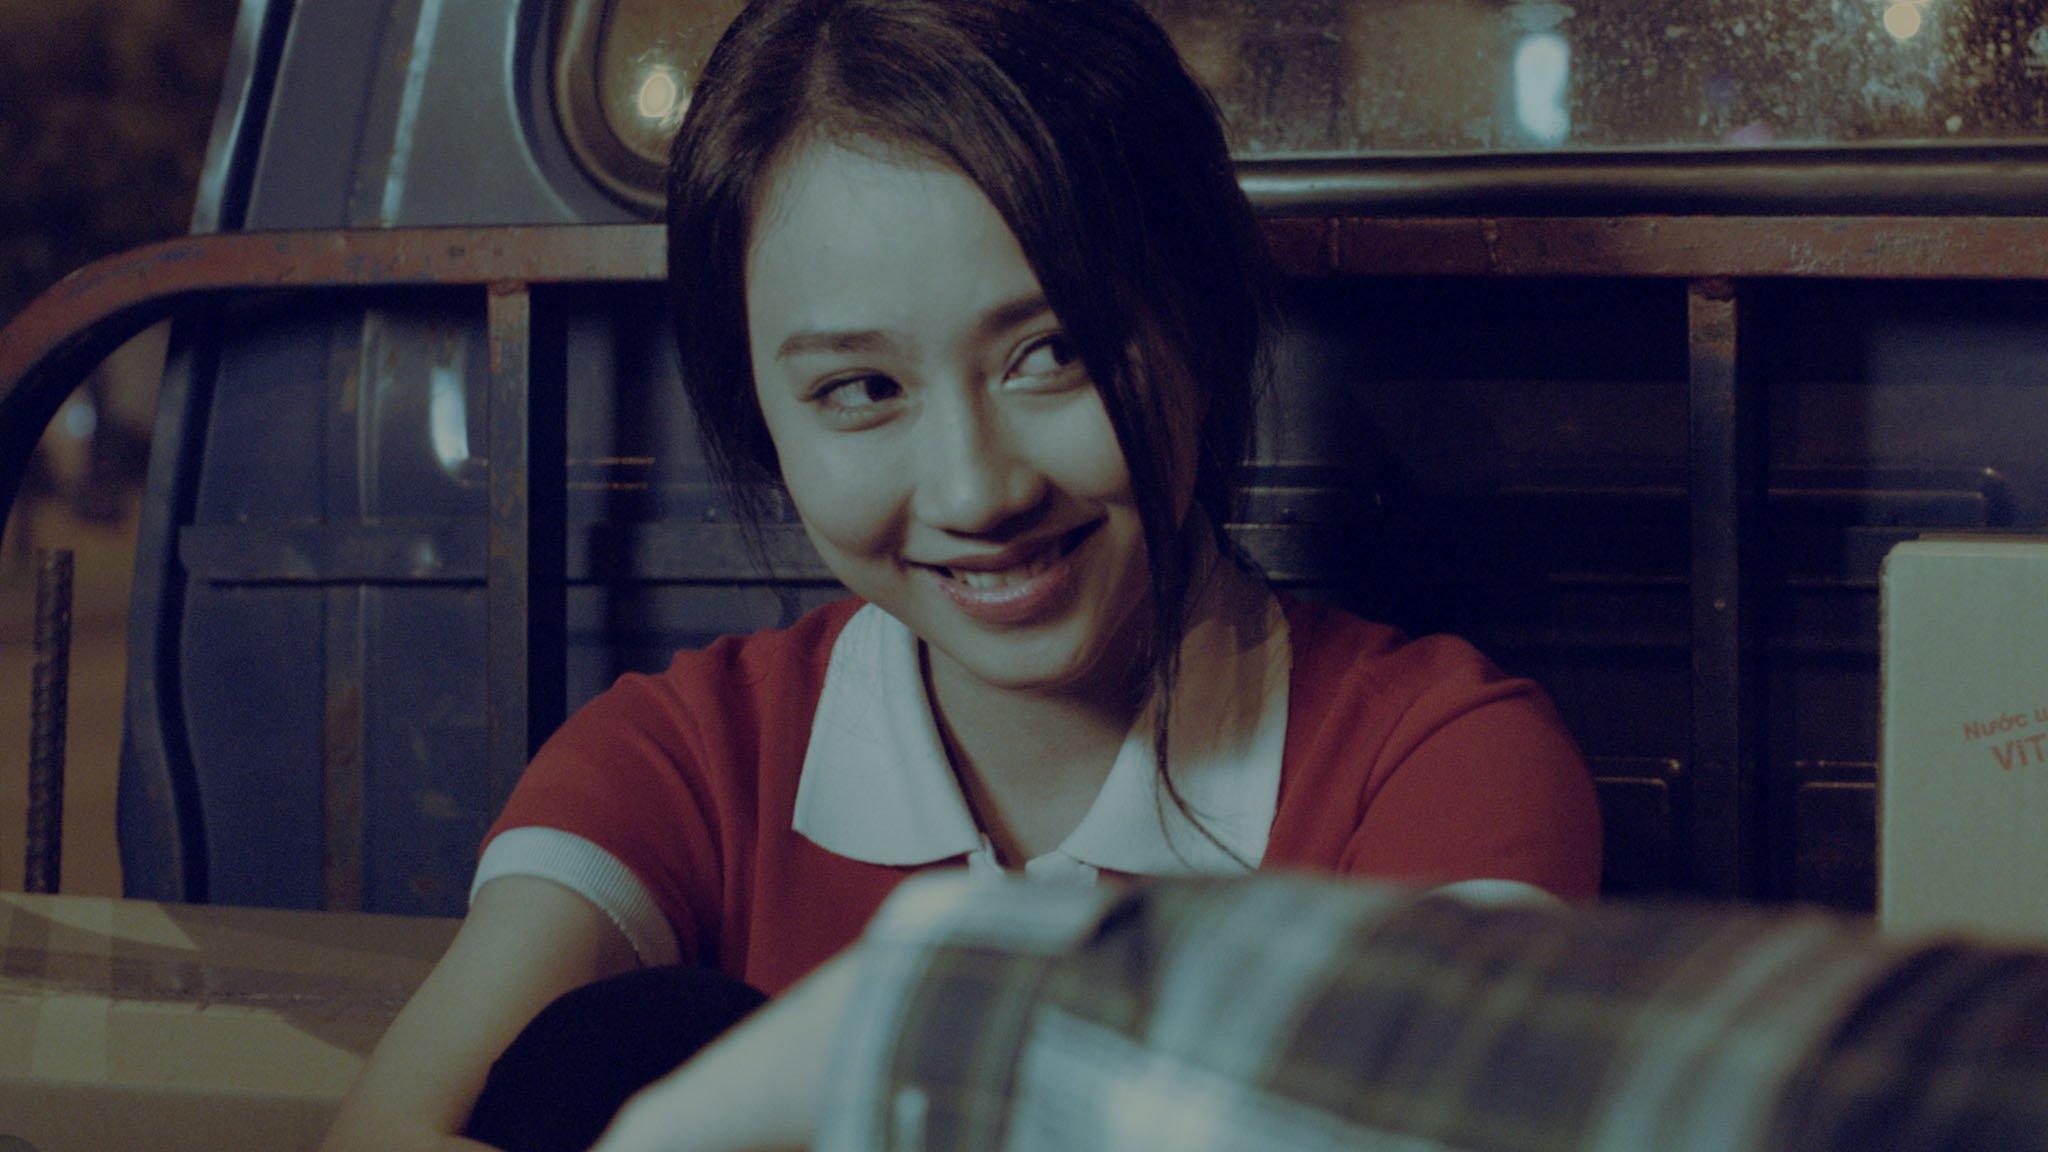 MV Âm thầm bên em của Sơn Tùng M-TP cán mốc 10 triệu views 3